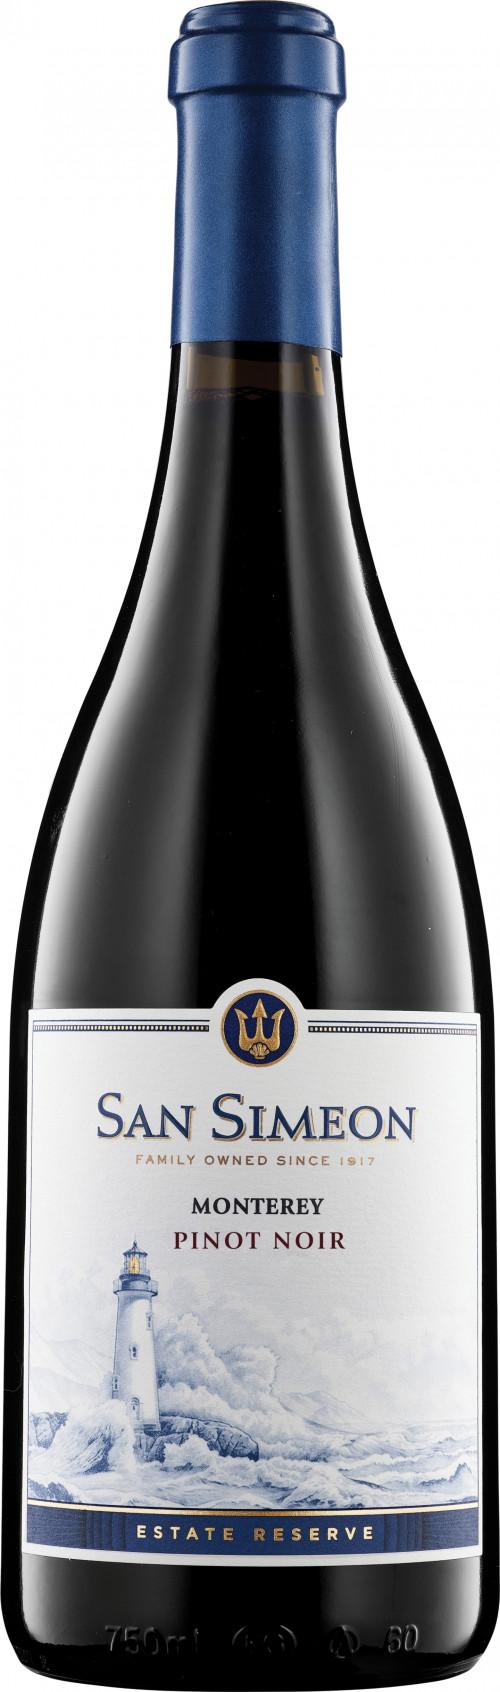 2018 San Simeon Pinot Noir 750ml